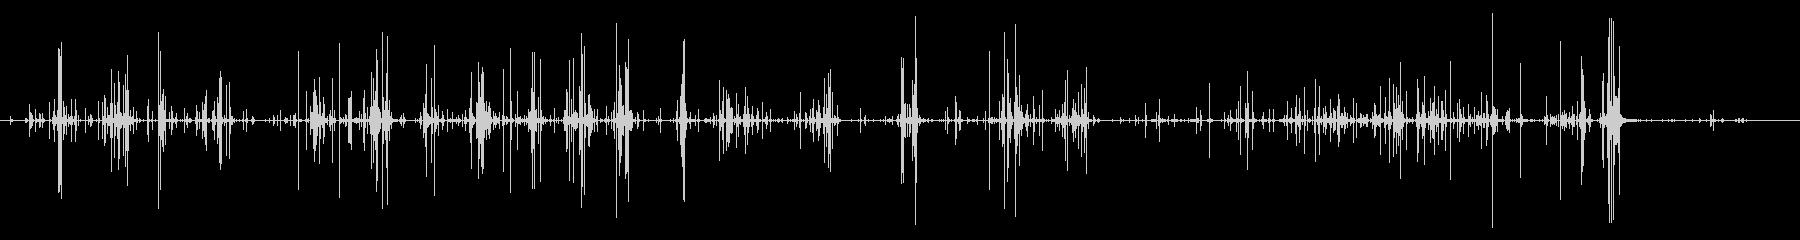 パインコーン:エンドスナップと長い...の未再生の波形